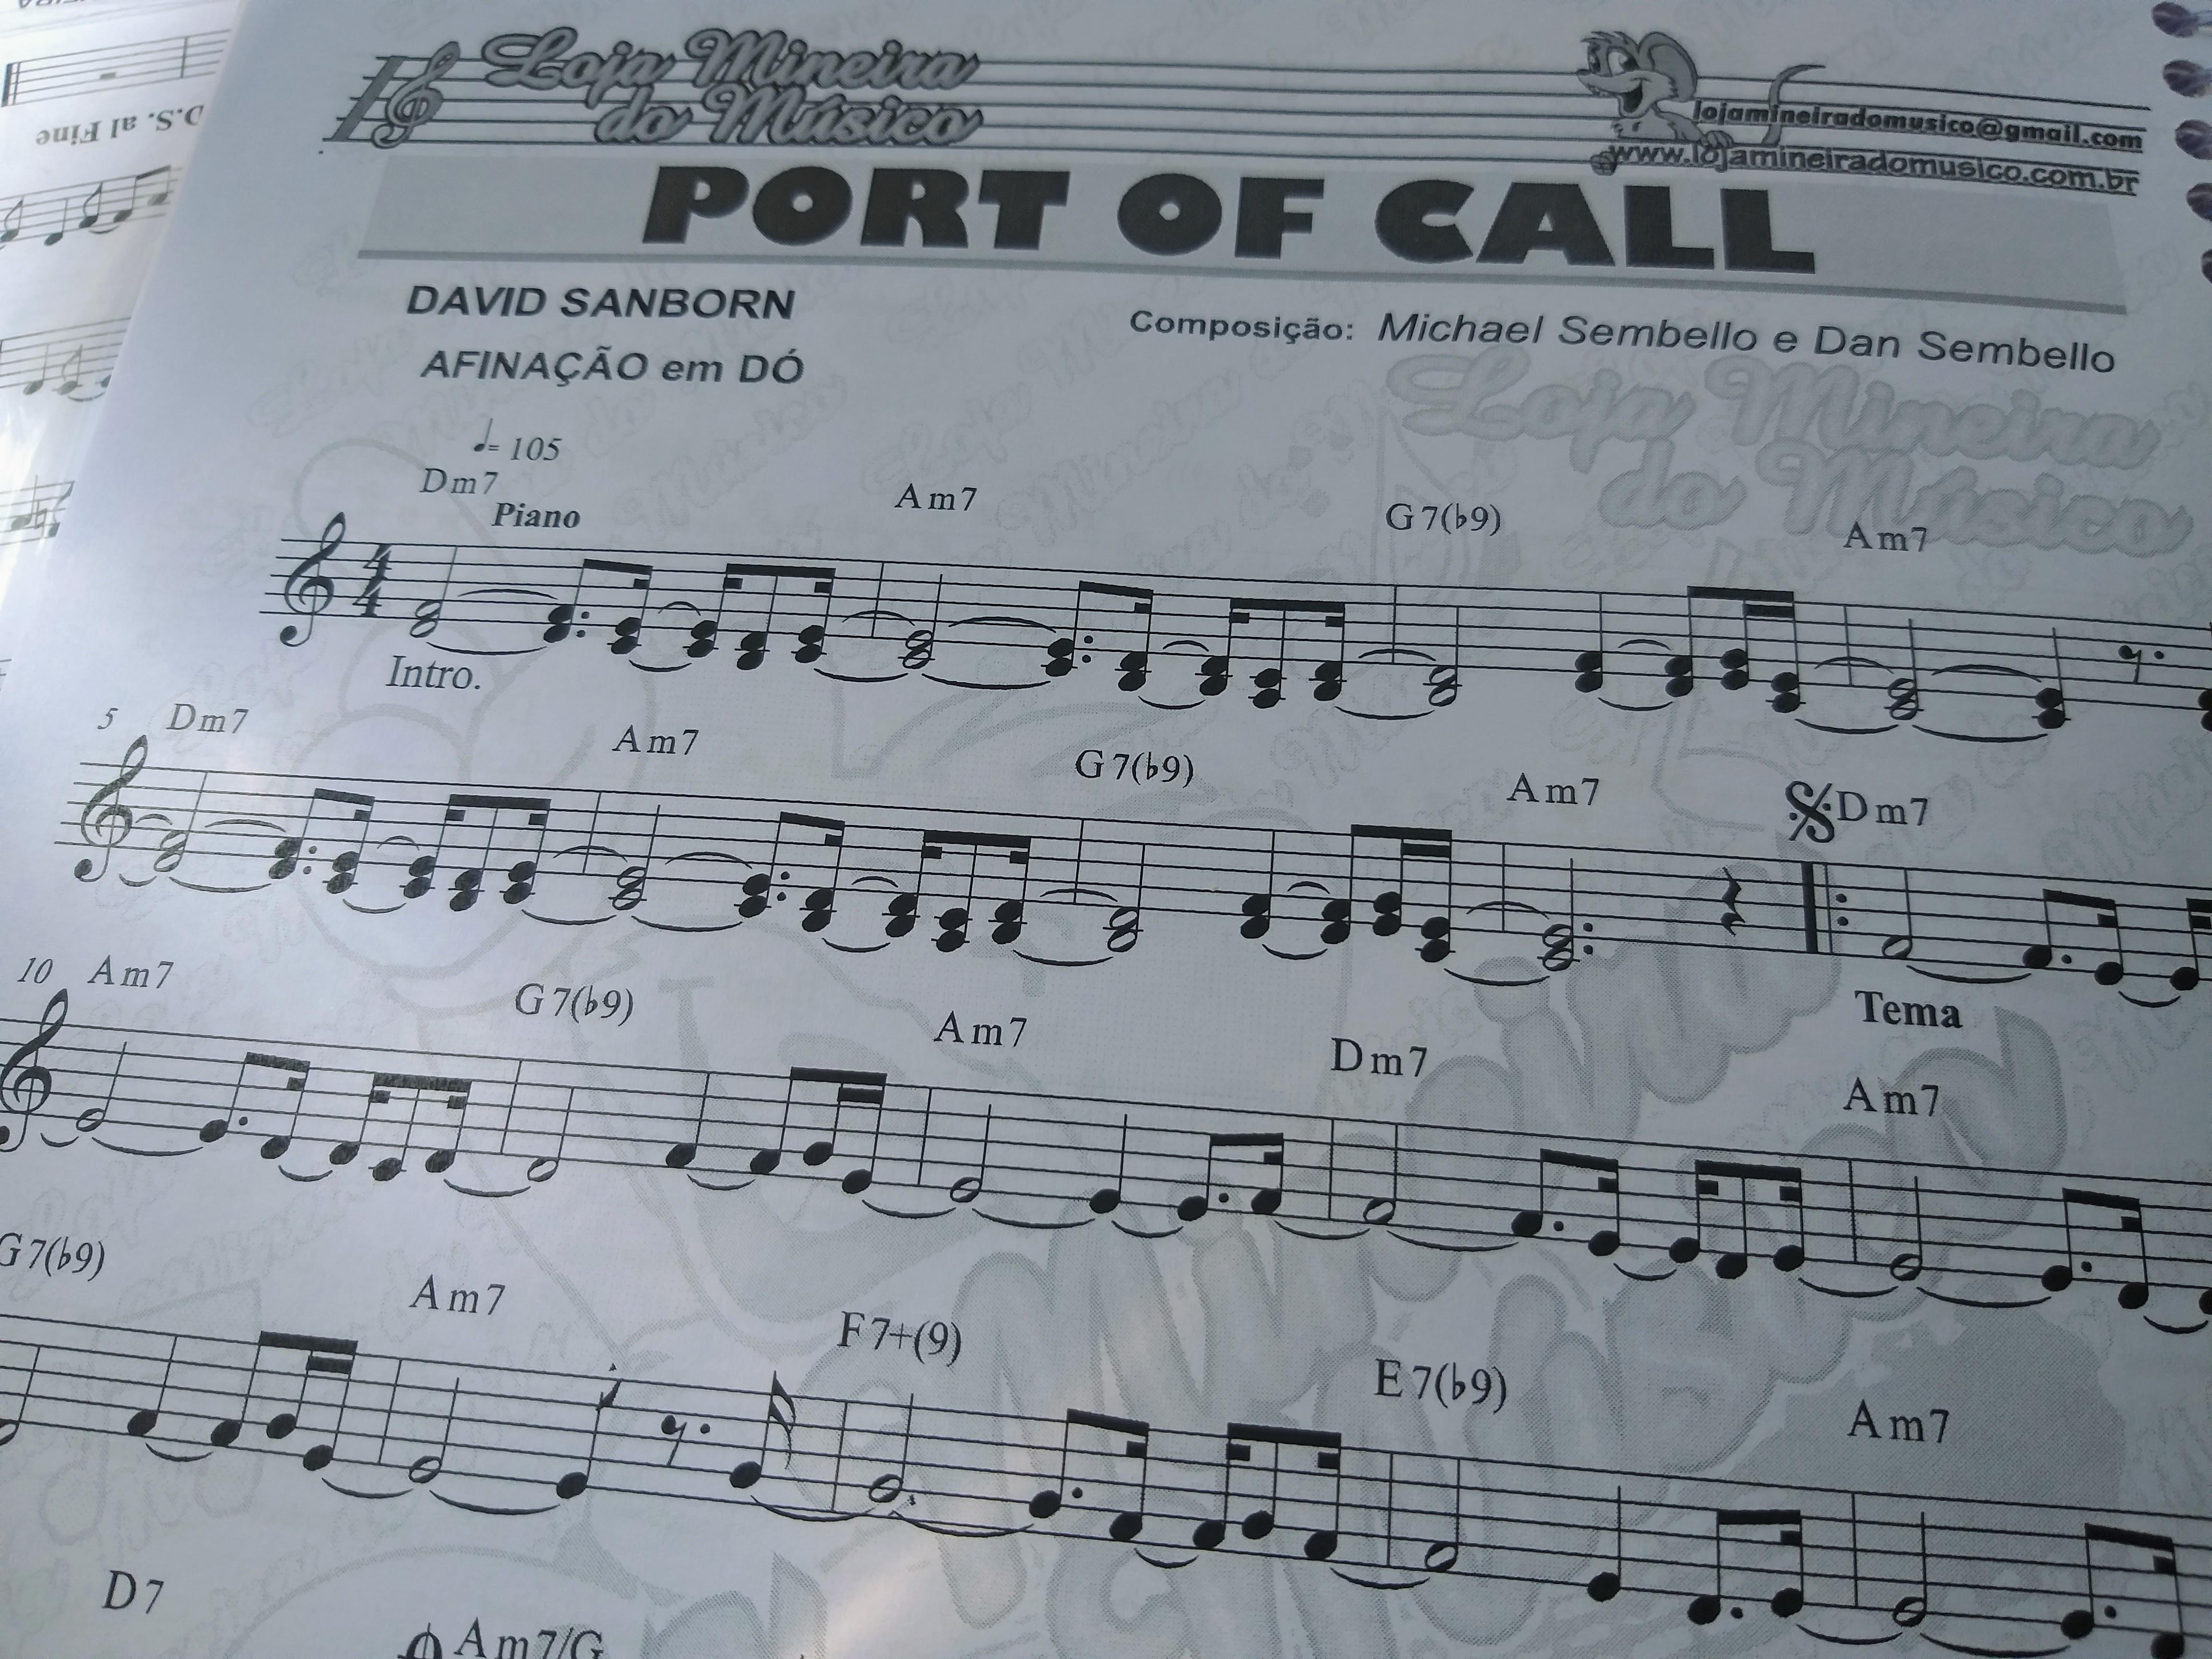 teclado como tocar qualquer música usando partituras de qualidade @LojaMineiradoMusico